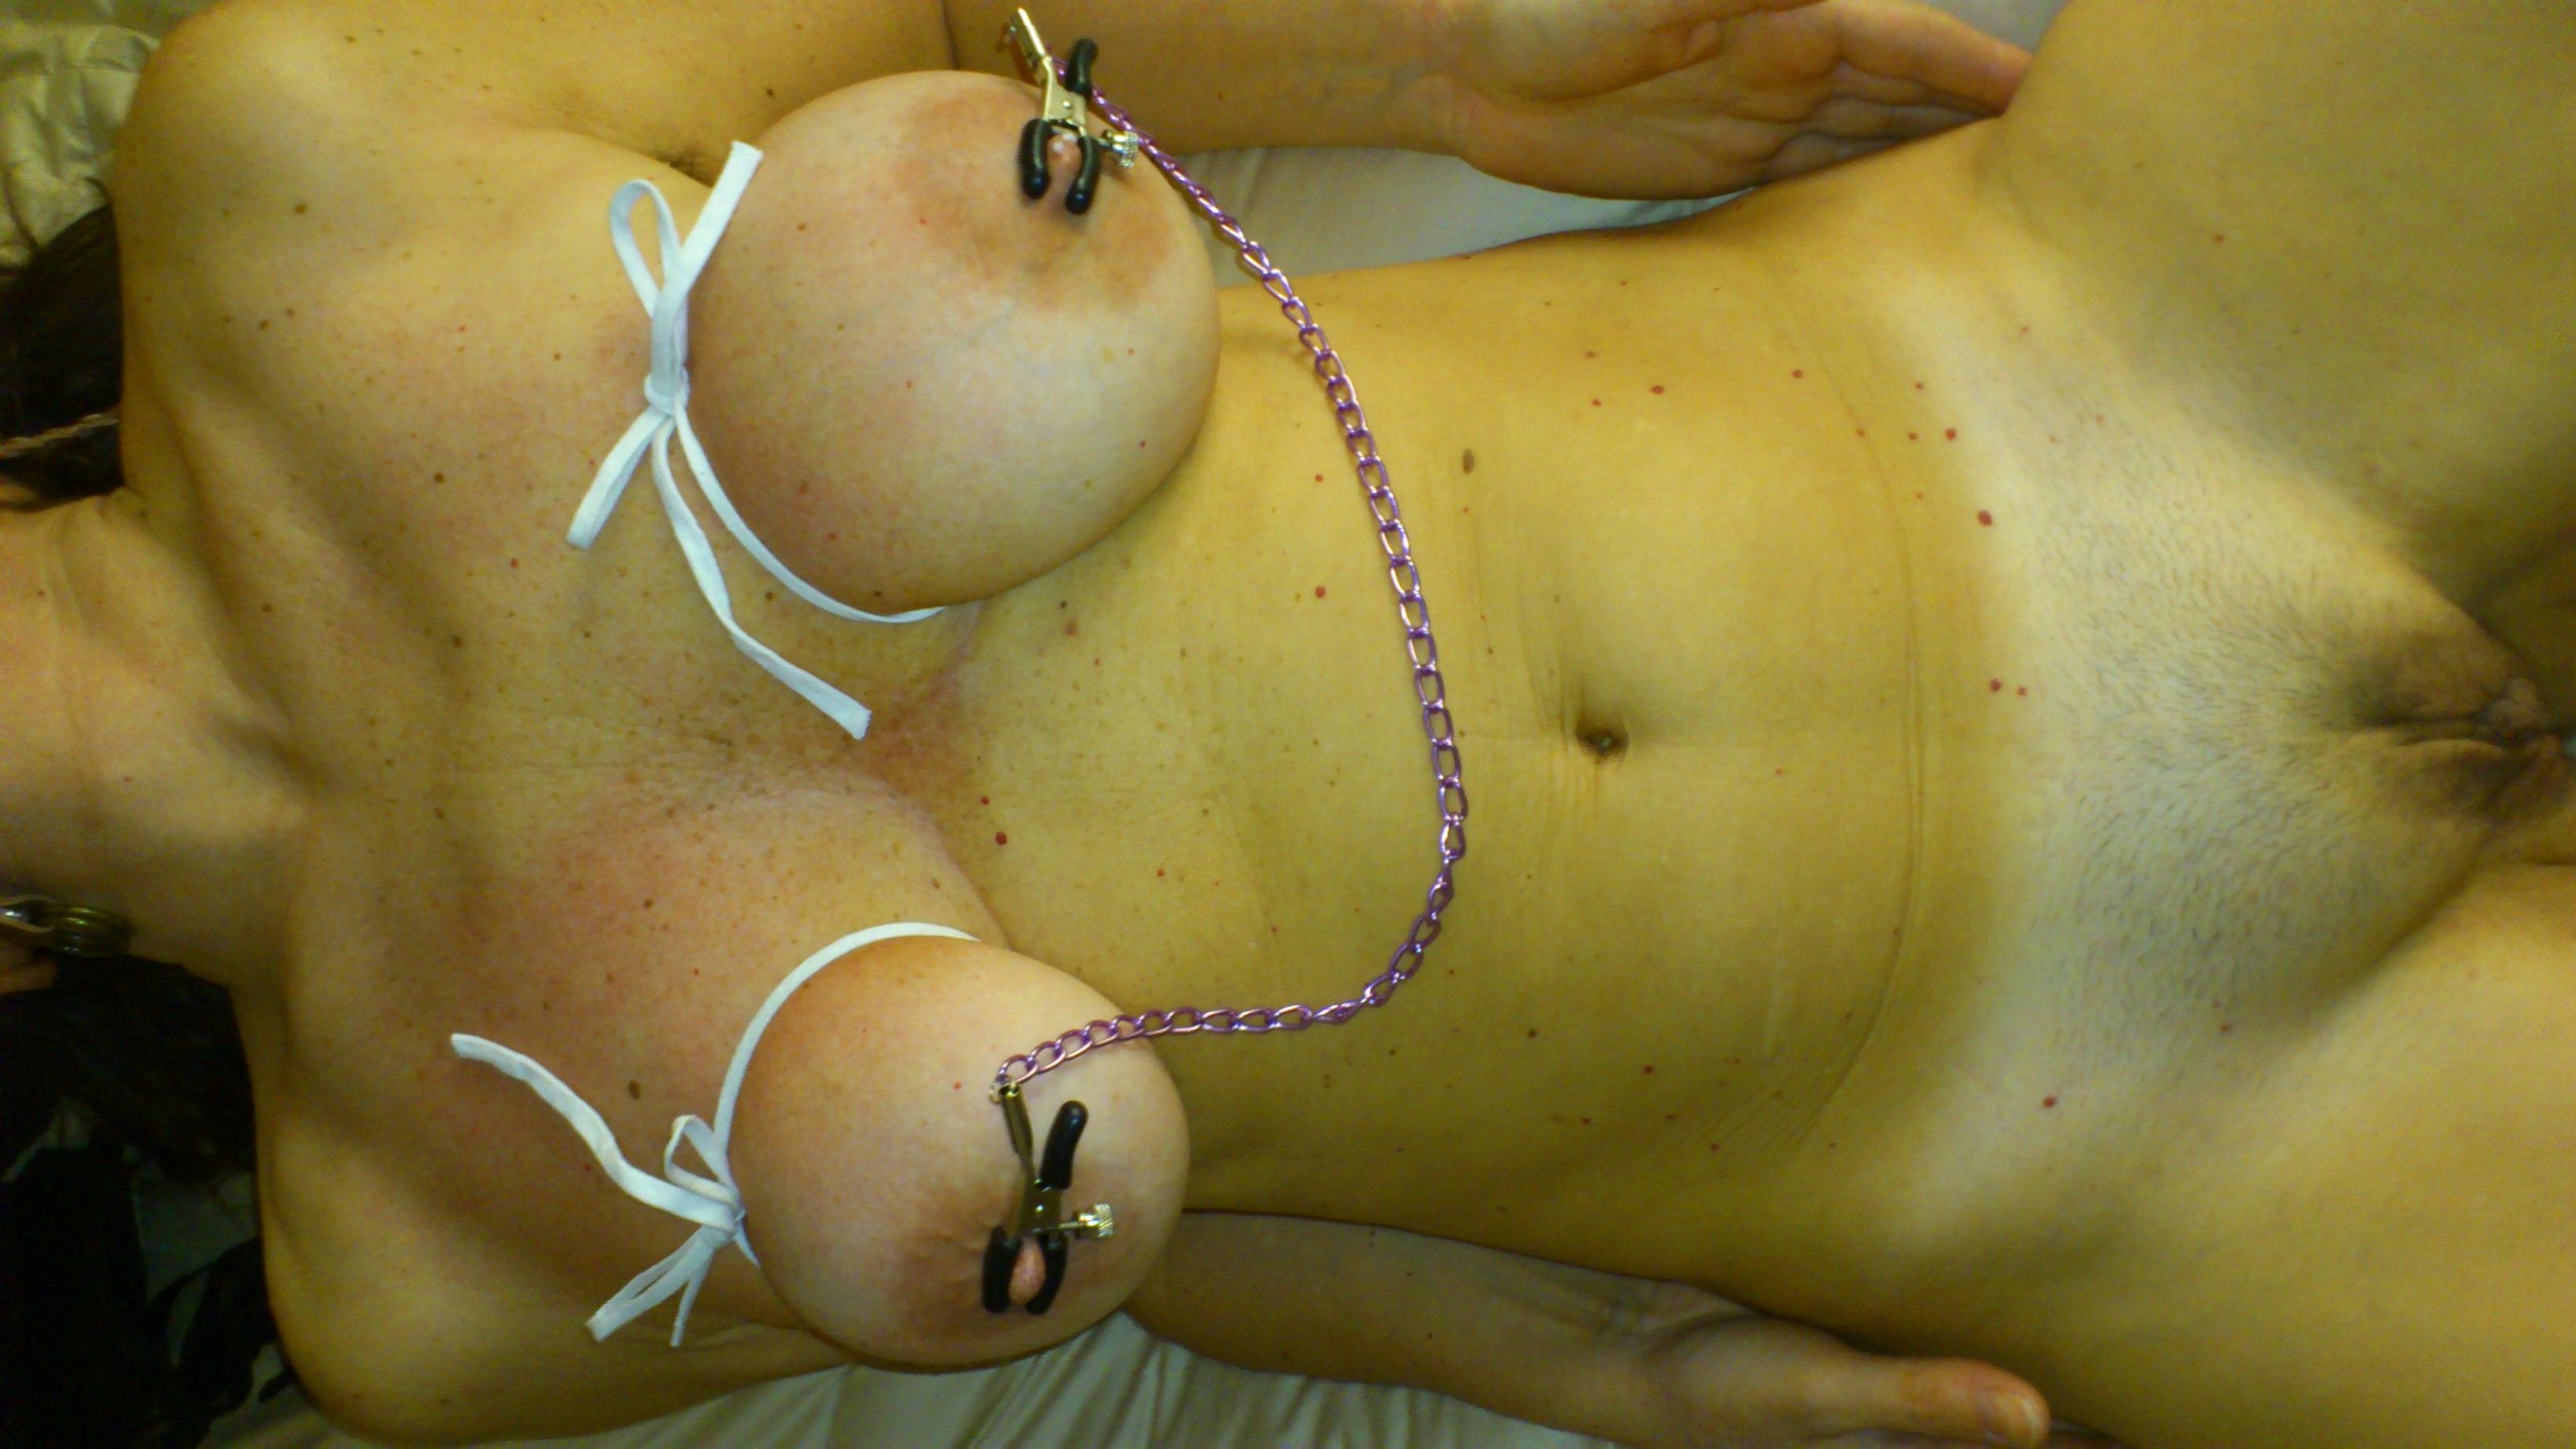 porno amatoriali lesbo i porno più belli